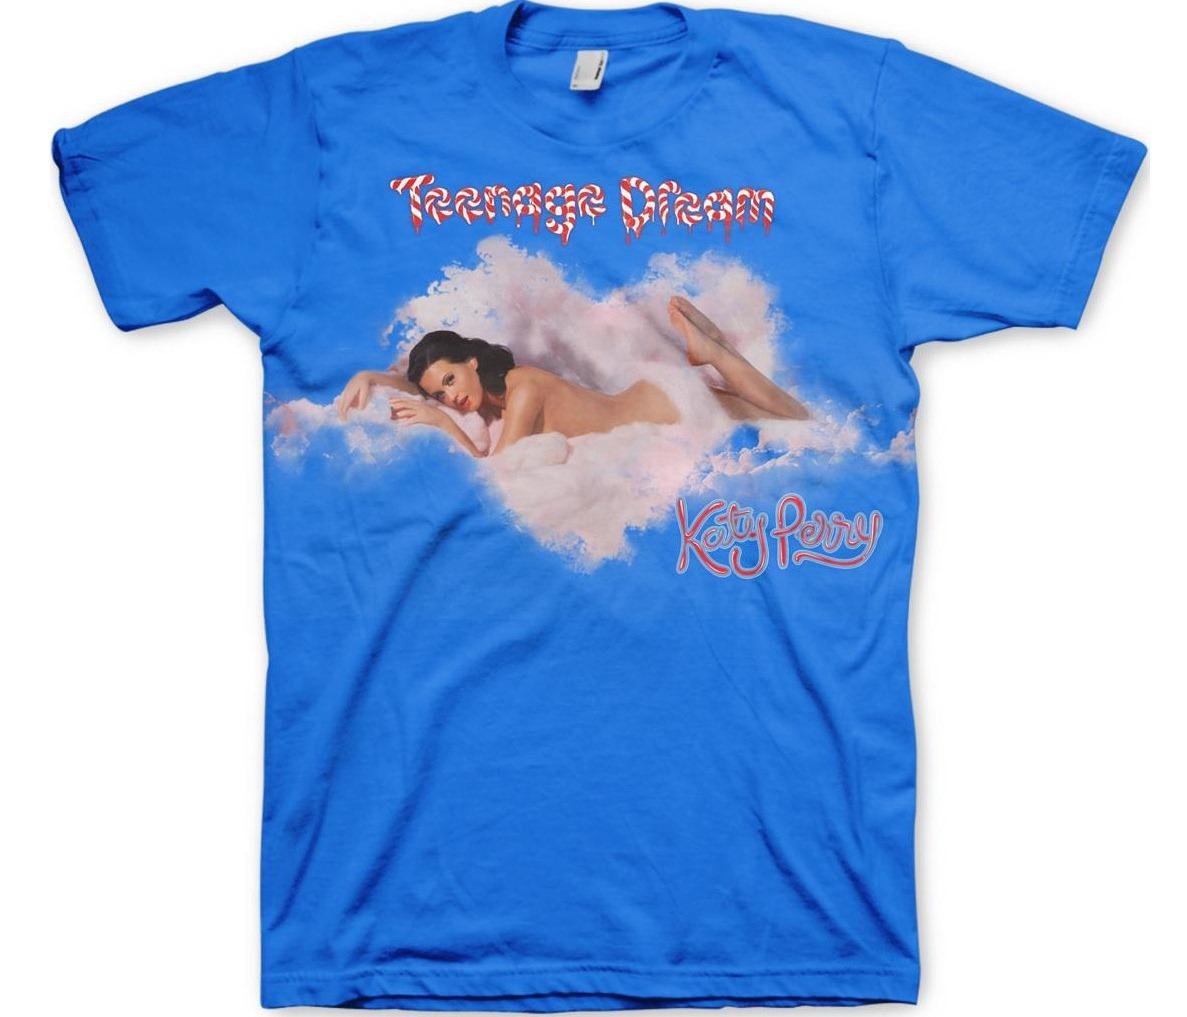 http://1.bp.blogspot.com/-76ydFGJmPUU/TcZCZOXymNI/AAAAAAAABBs/_wAVJDPef8M/s1600/katy+shirt.jpg